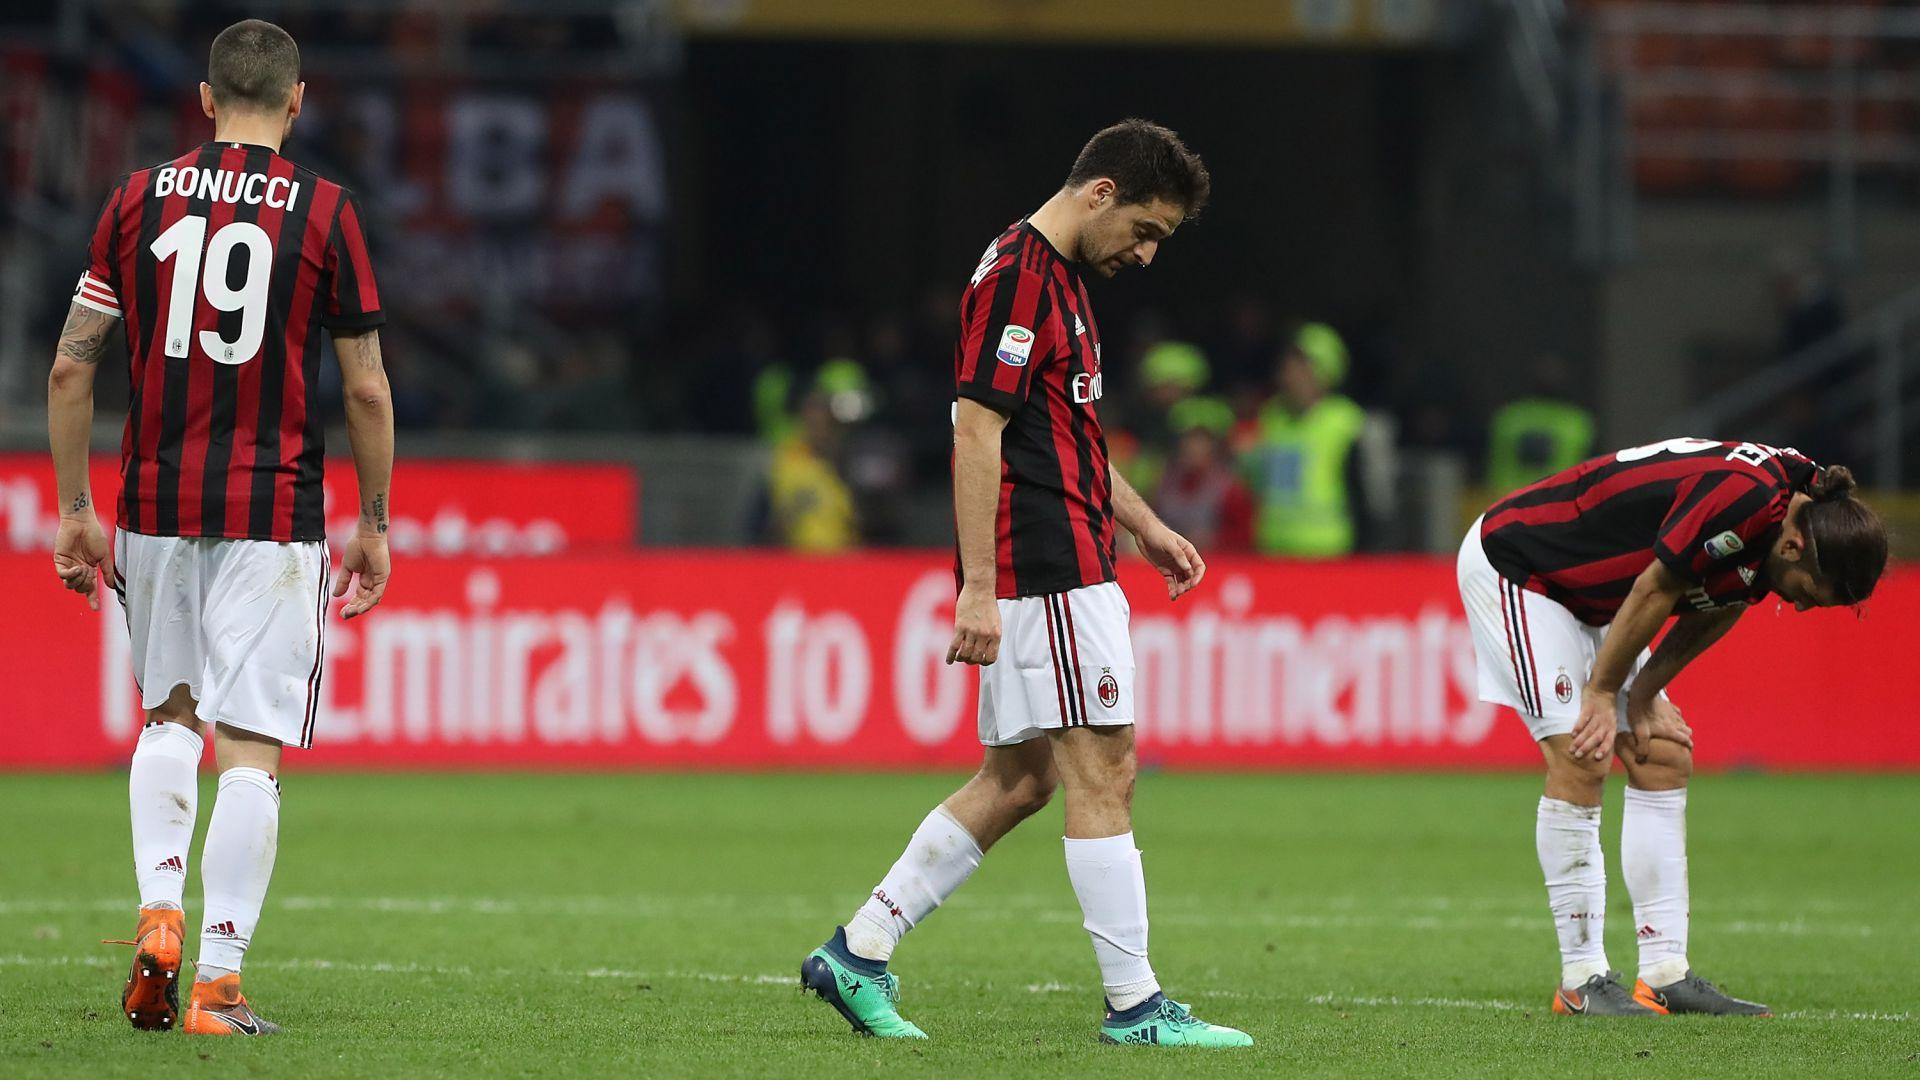 Infortunio Romagnoli, pessime notizie per Gattuso: il comunicato del Milan